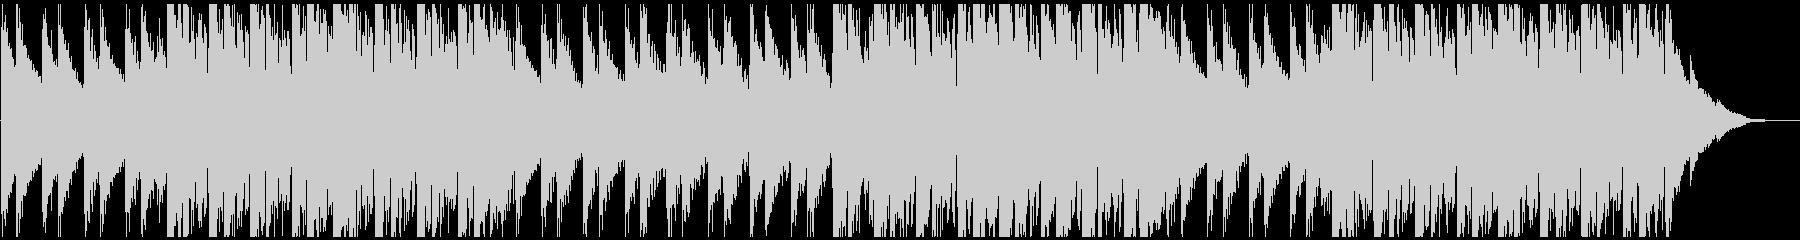 ドラム抜きのパターンの未再生の波形